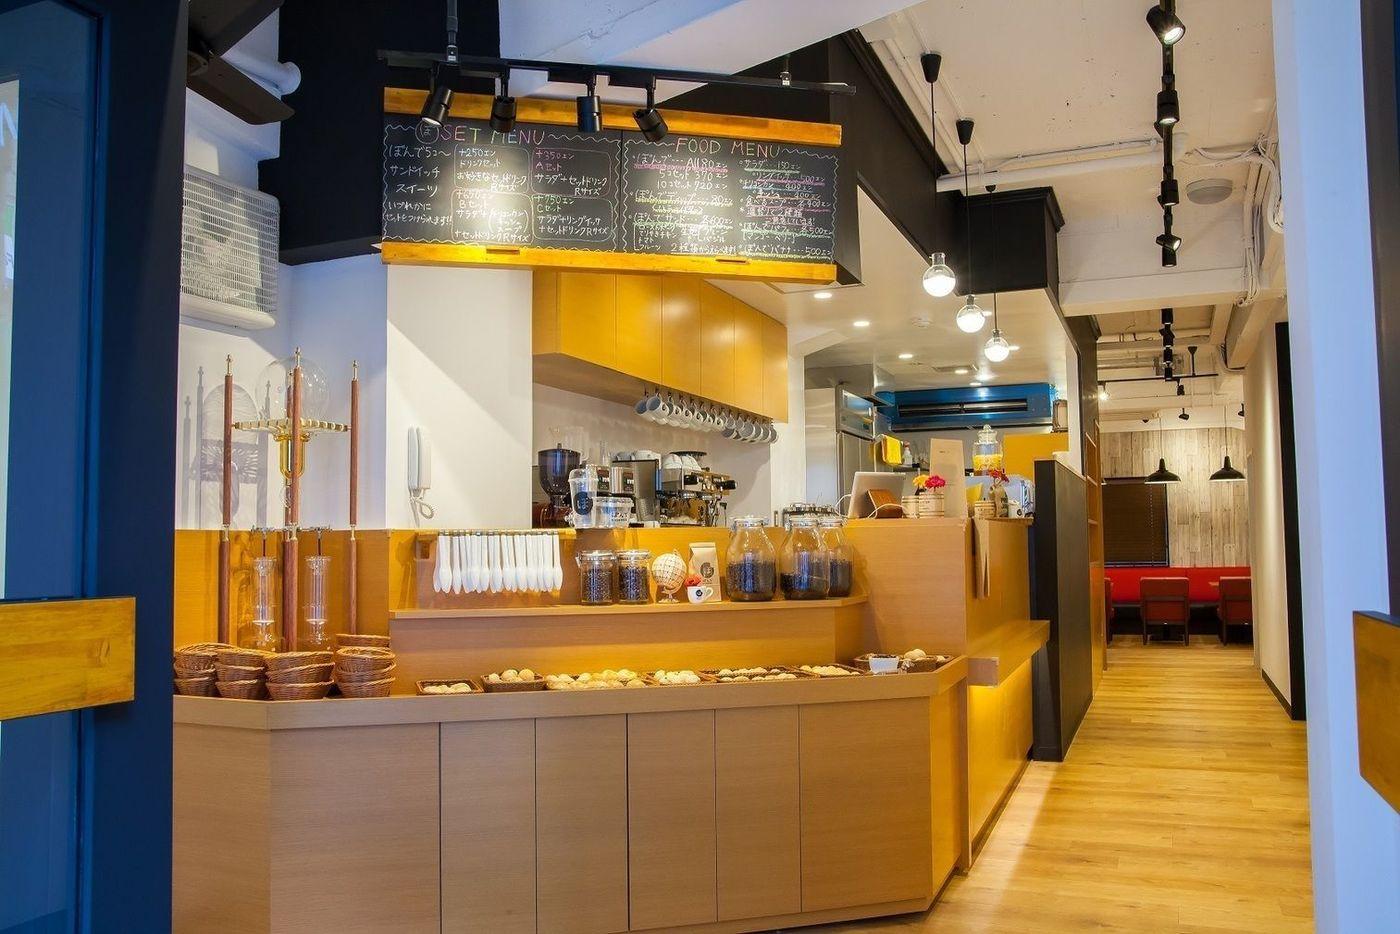 池袋のコーヒーが美味しいお店9選!カフェから専門店までご紹介♪の画像